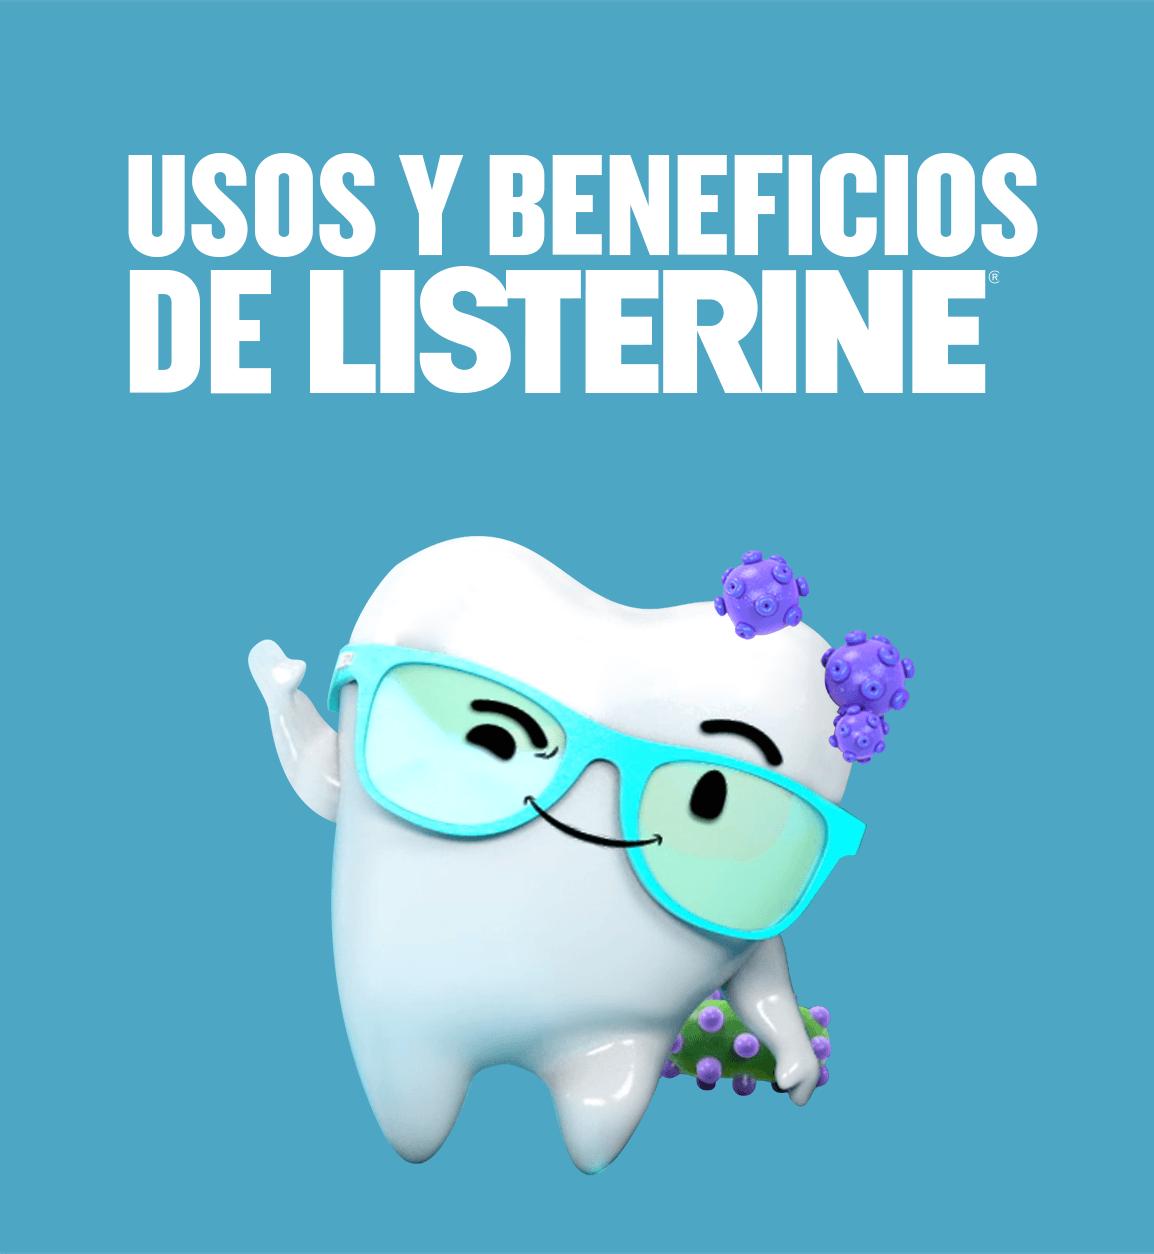 Usos y beneficios de LISTERINE®